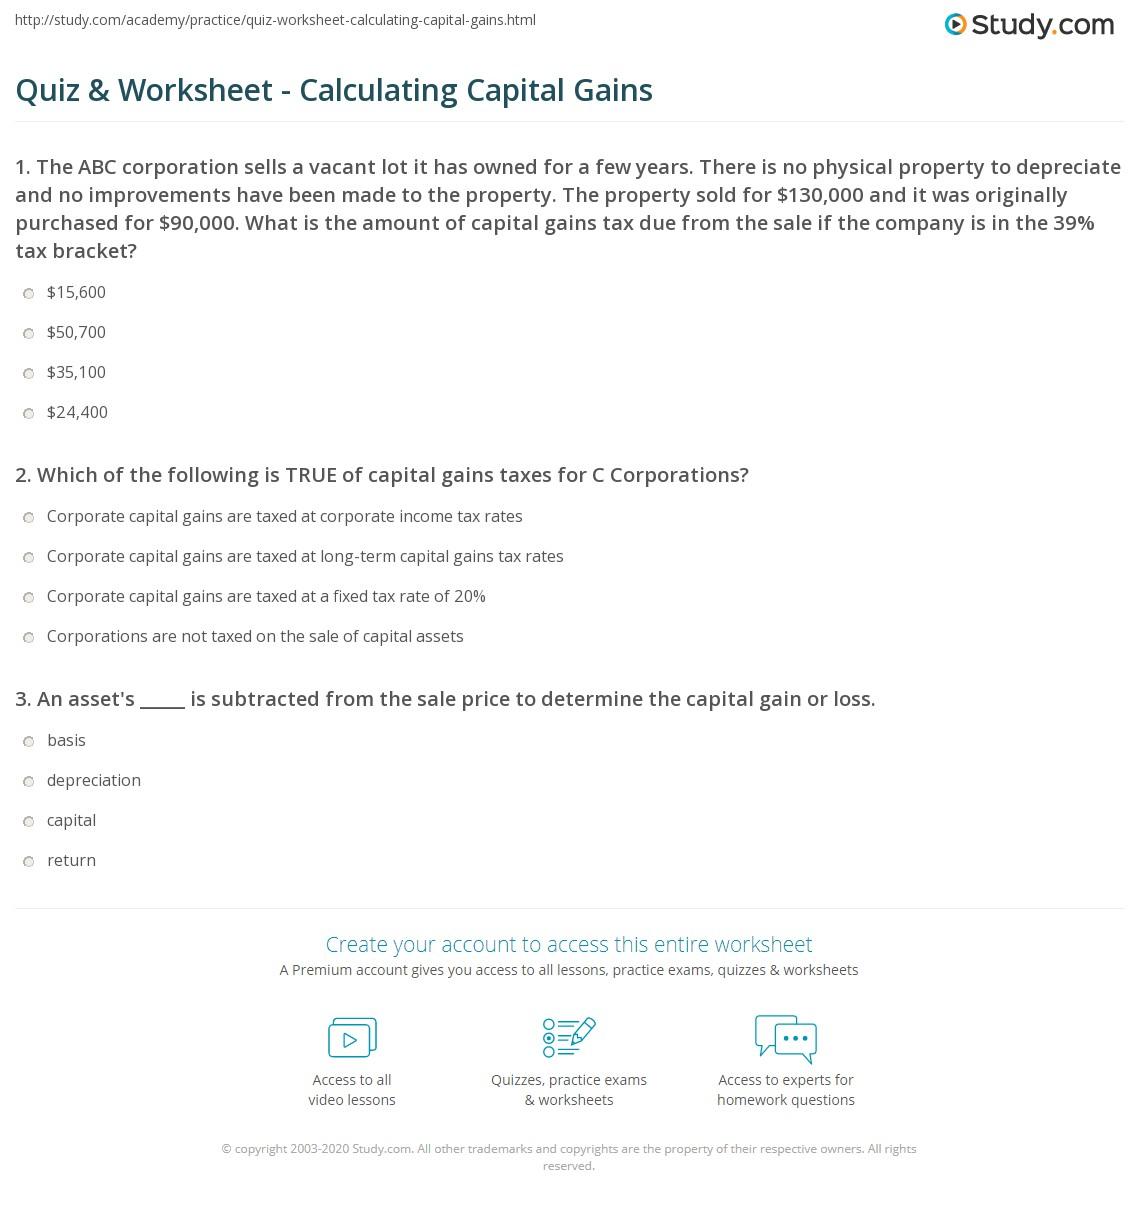 Quiz & Worksheet - Calculating Capital Gains | Study.com